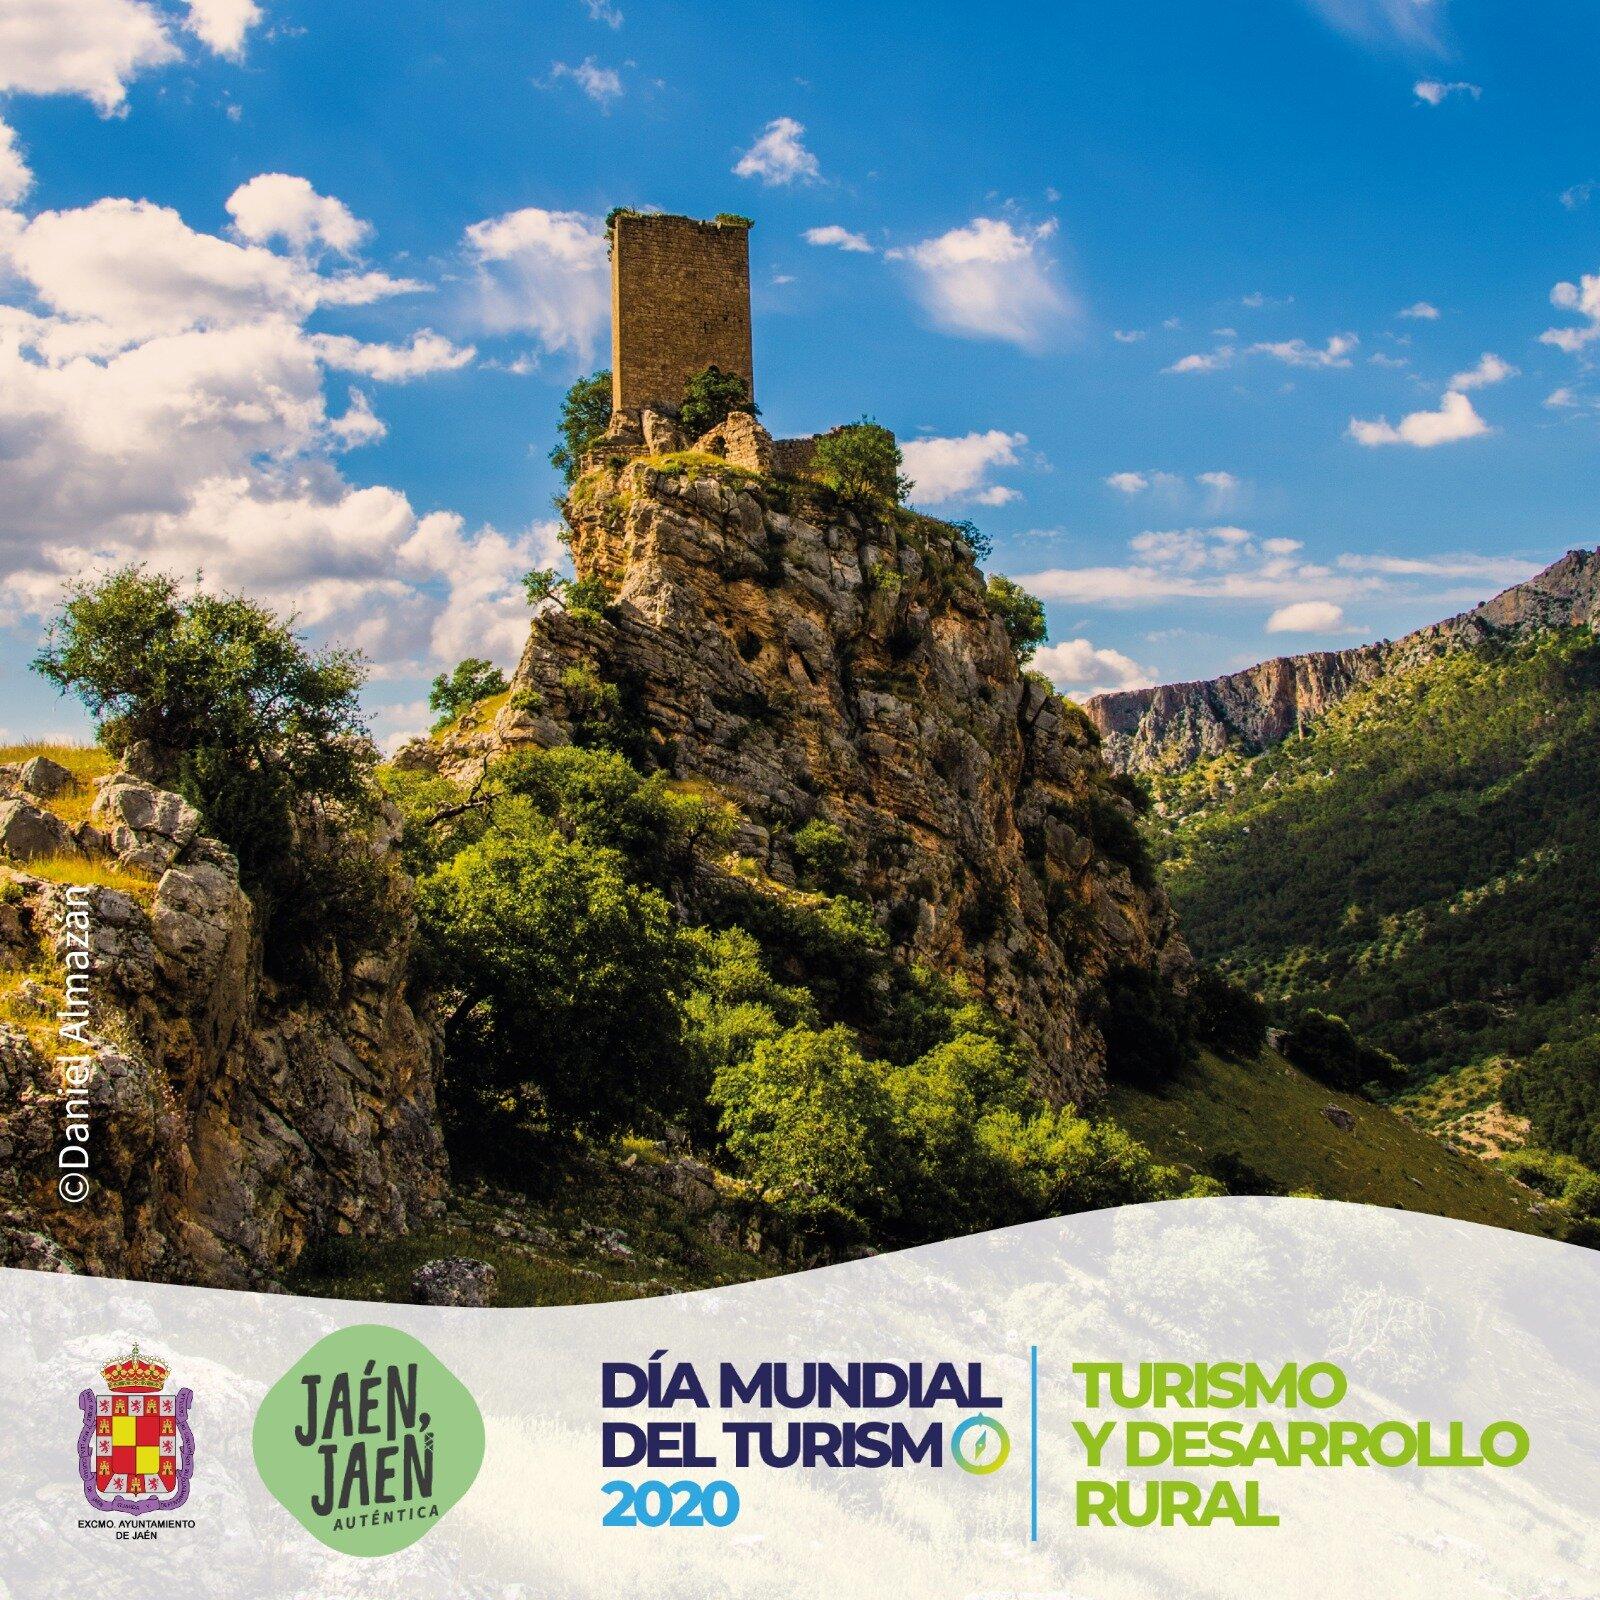 Siente la naturaleza en Jaén, Jaén.